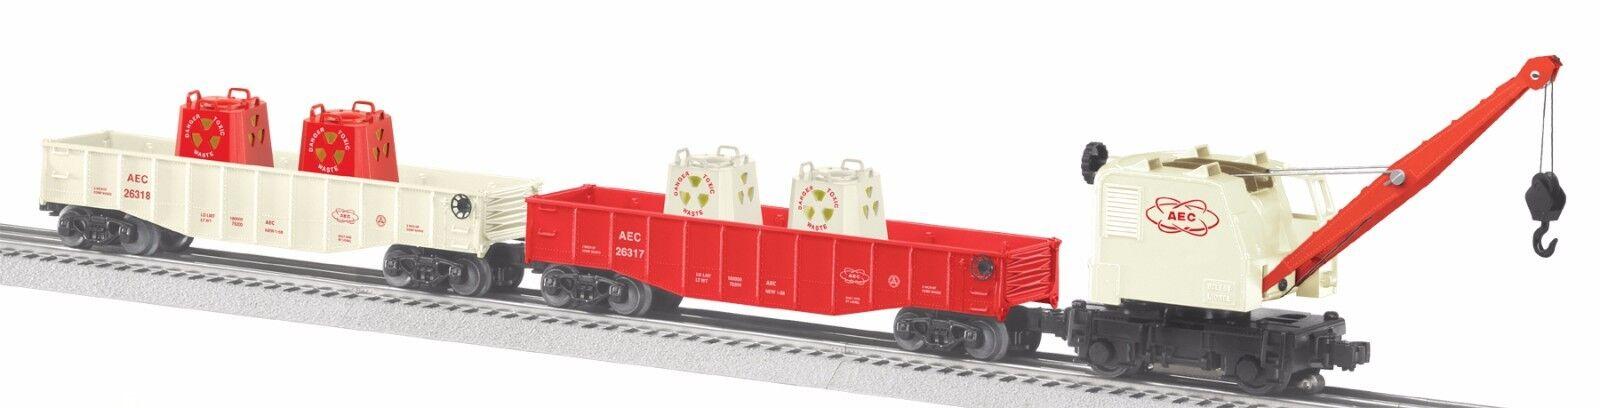 2010 discontinued Lionel 6-31774 AEC Radioactive Transport Burro Crane Set new